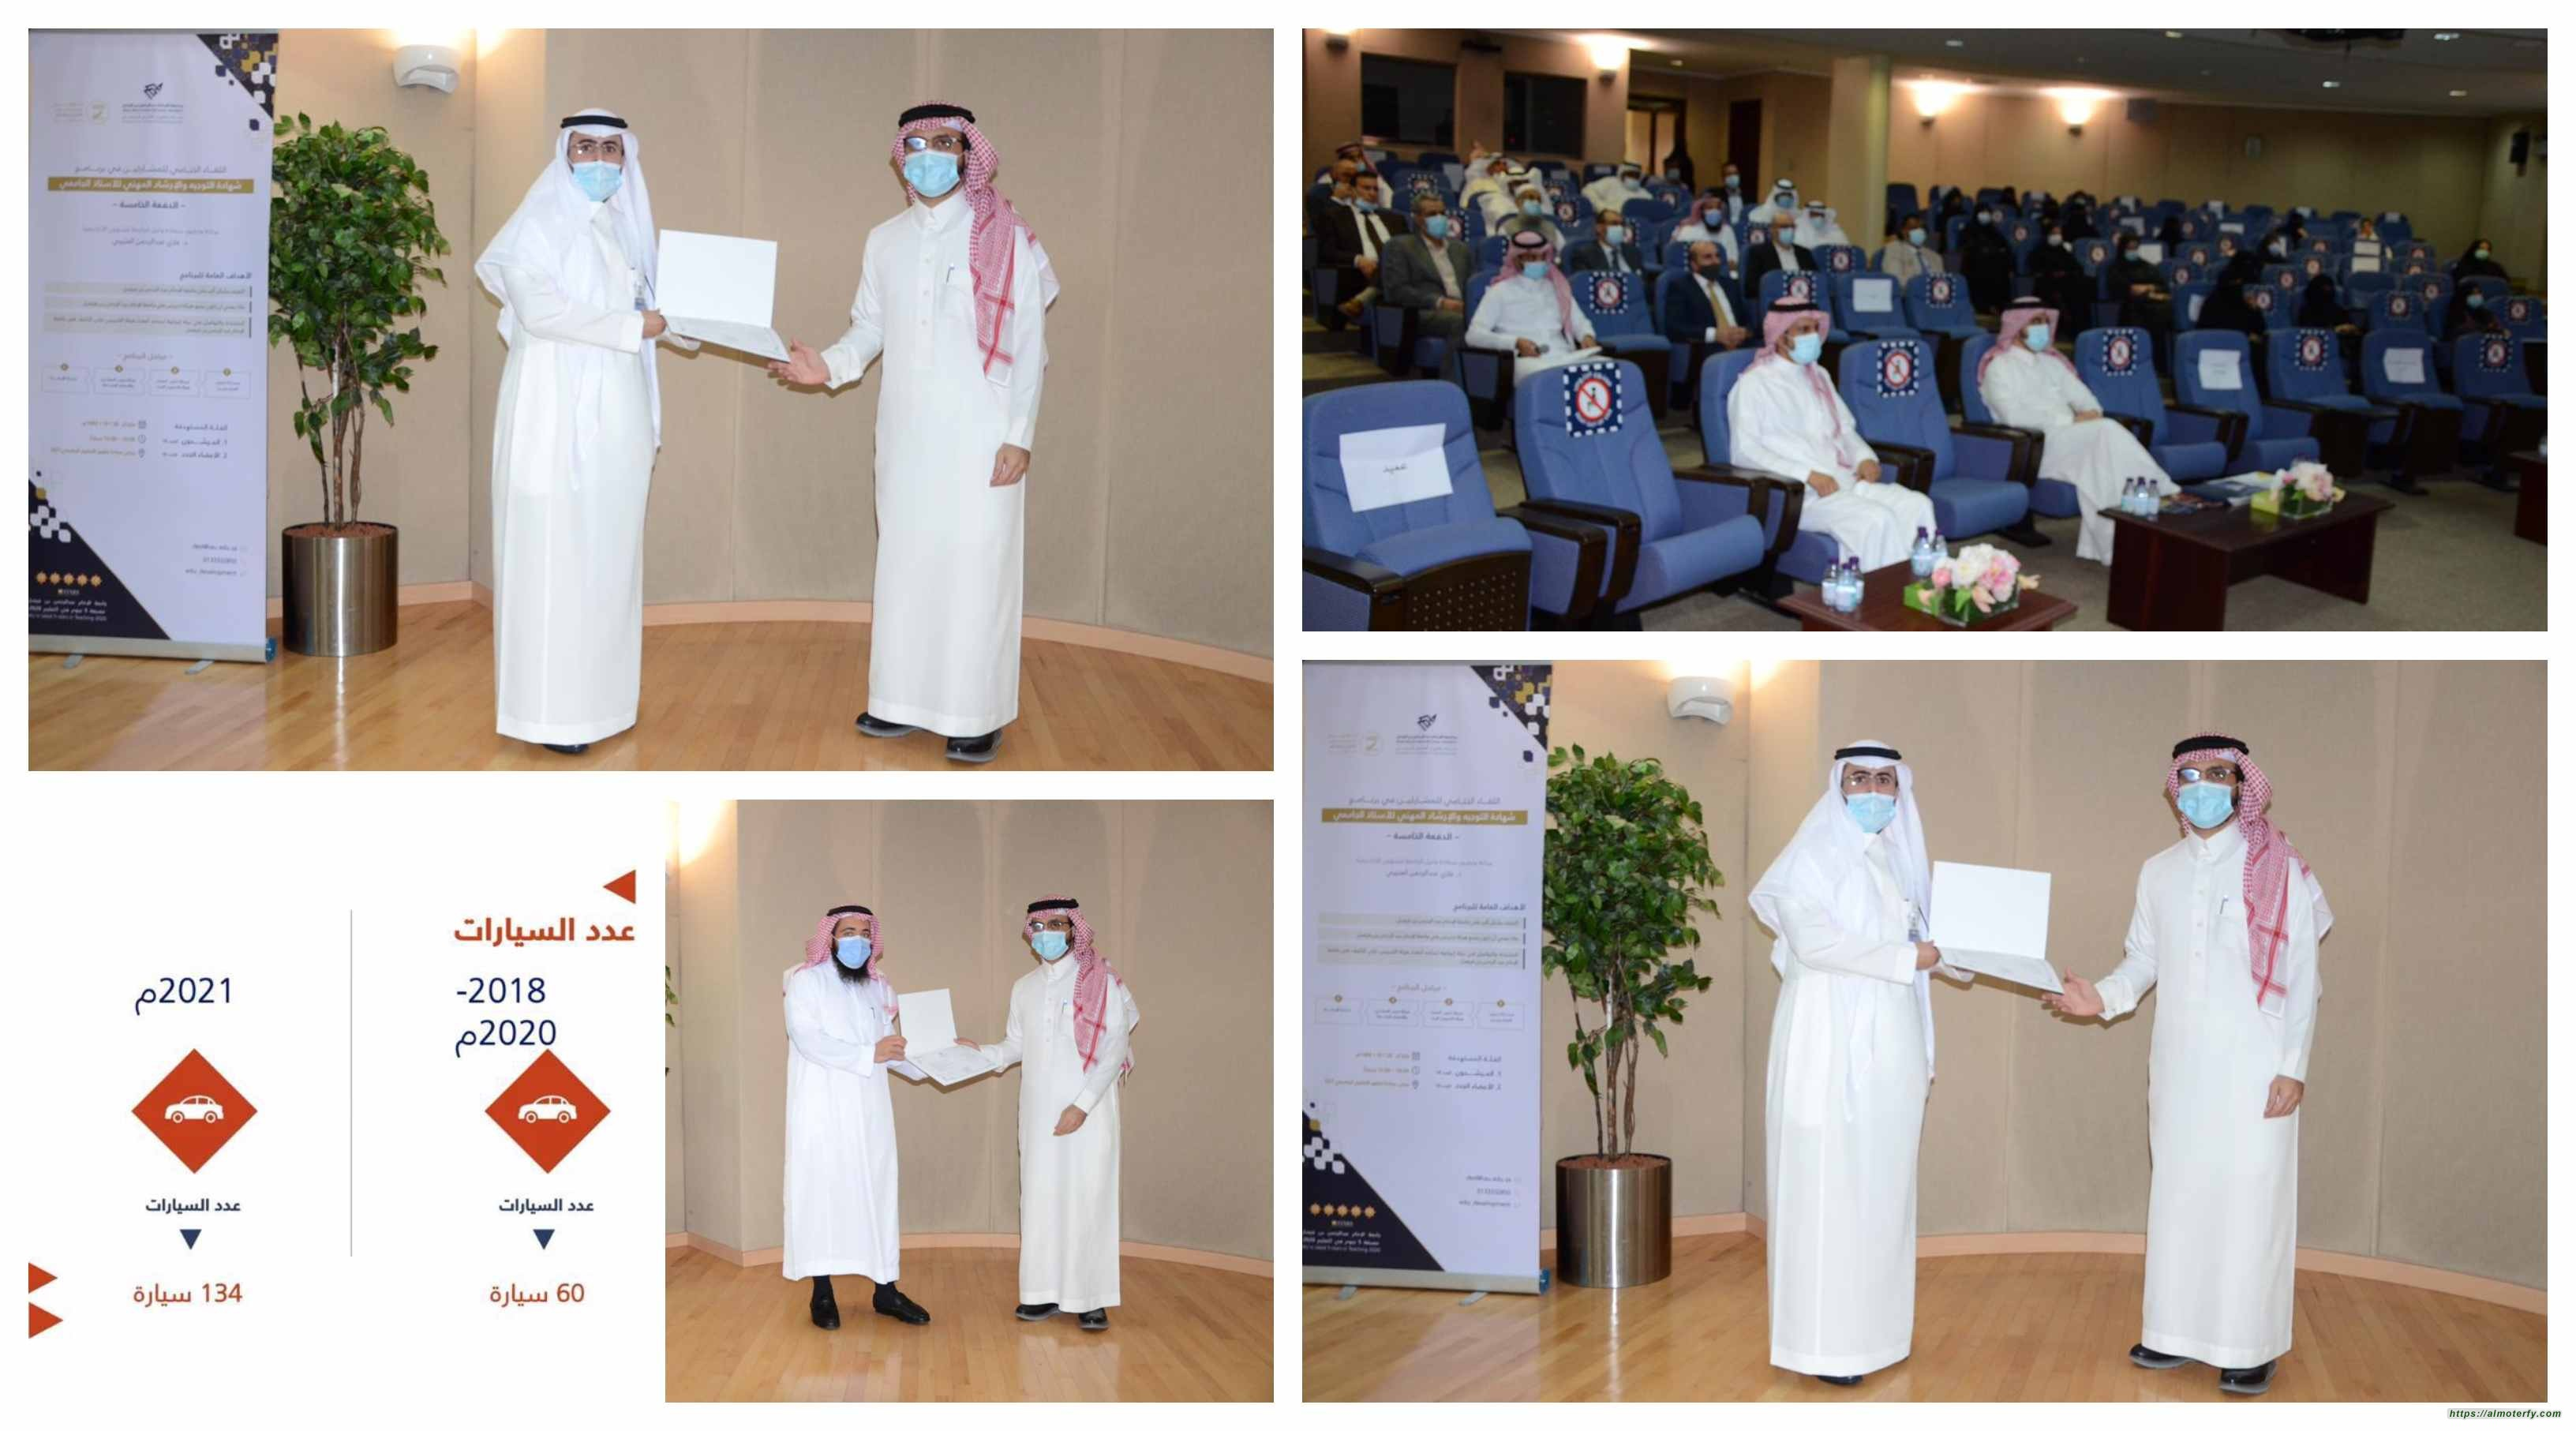 تطوير التعليم الجامعي بجامعة الإمام عبد الرحمن بن فيصل تدشن معمل التعليم والتعلم الجامعي